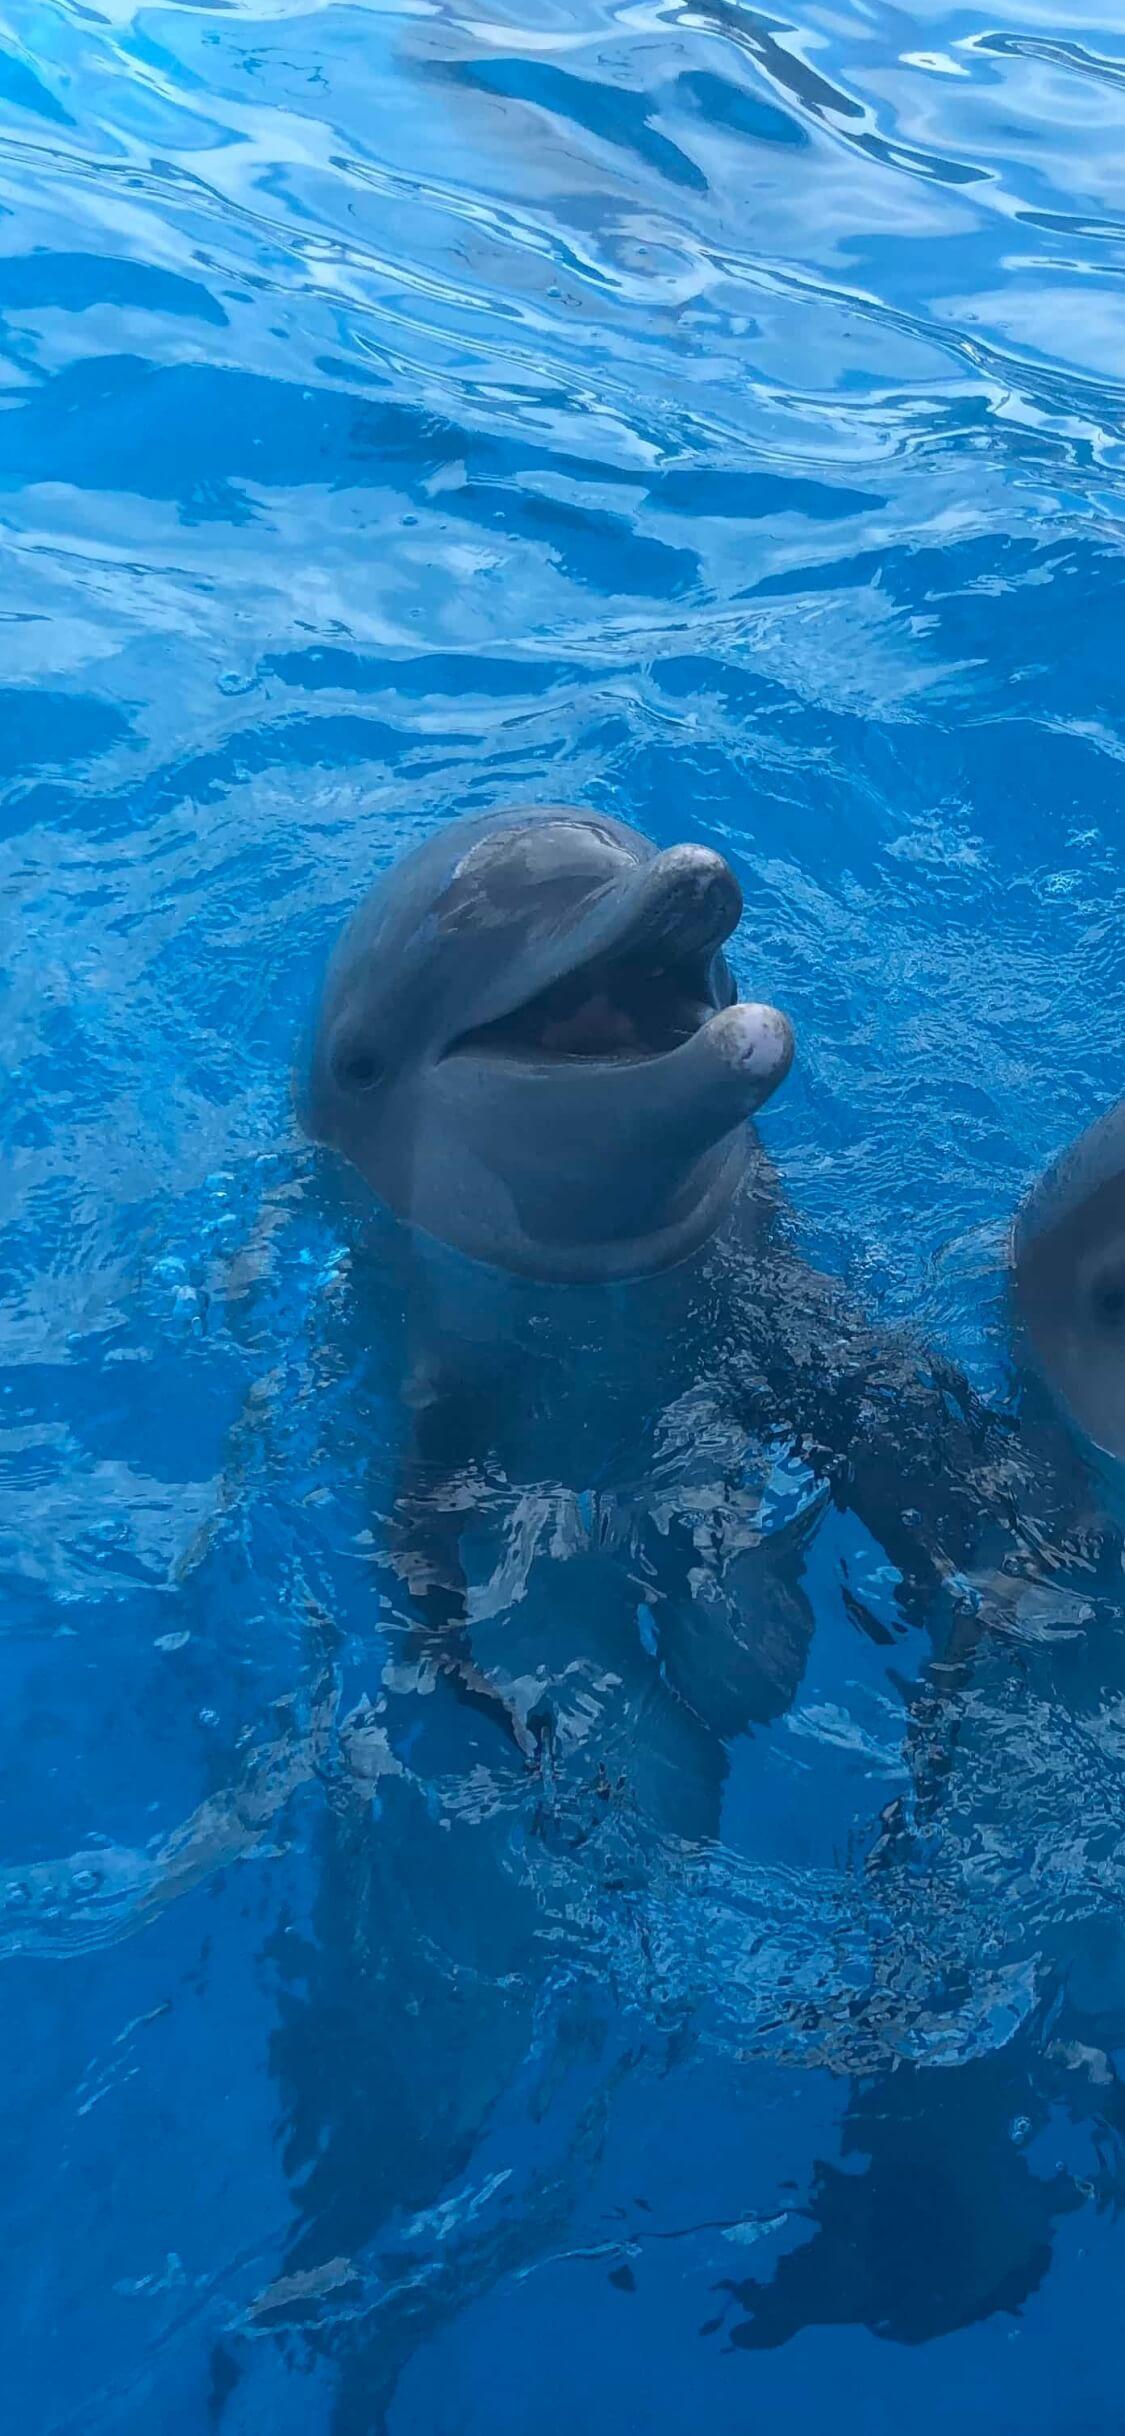 水面から顔を出してるイルカ1